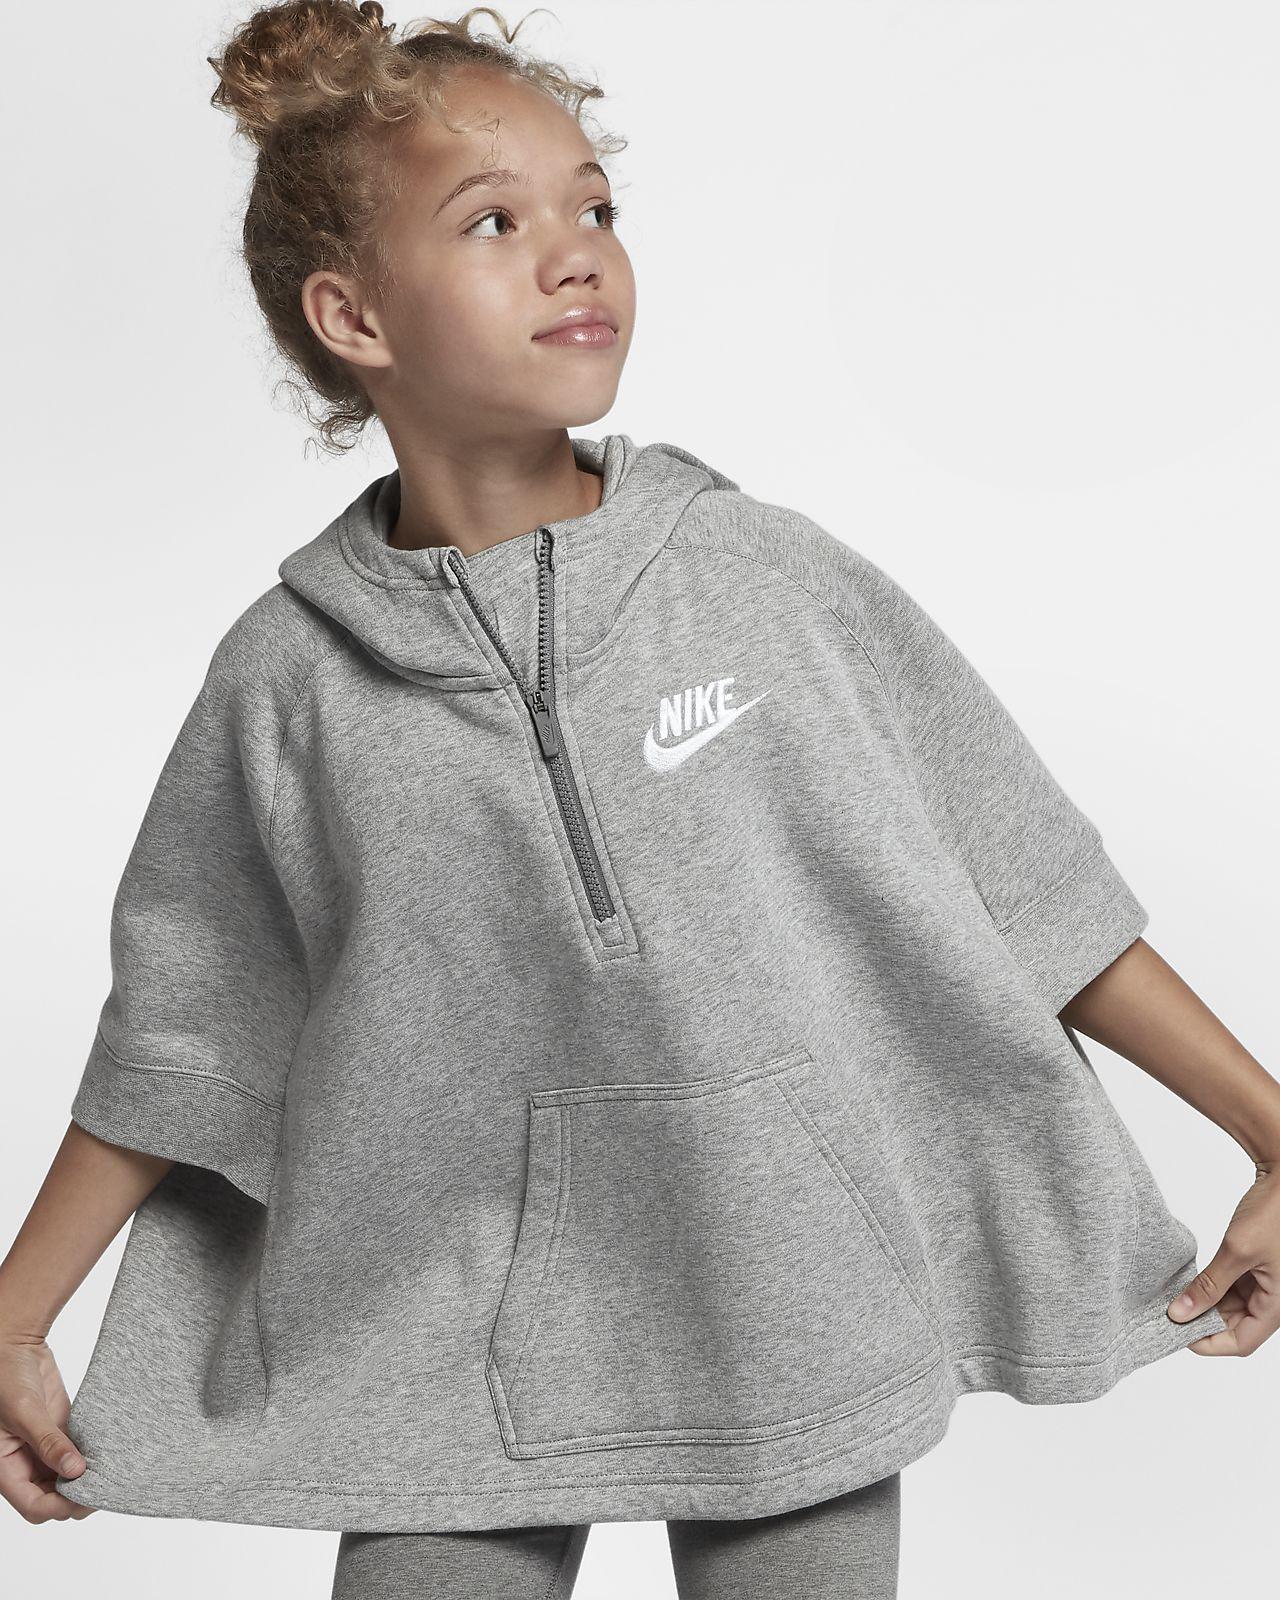 9d2fb890b371 Nike Sportswear Big Kids  (Girls ) Pullover Half-Zip Poncho